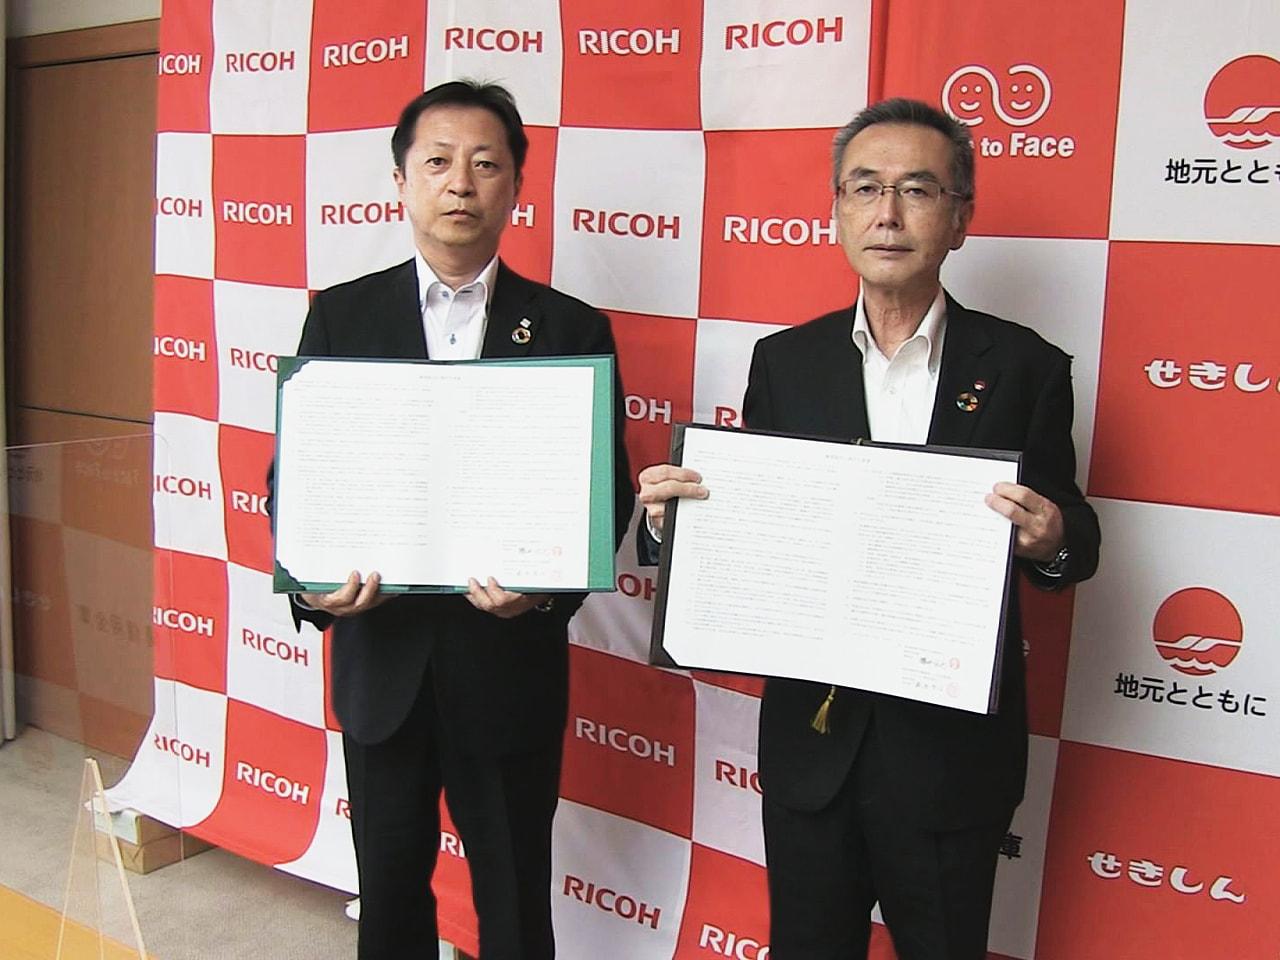 関信用金庫は、コロナ禍で課題となった中小零細企業のデジタル化を支援するため、岐阜...